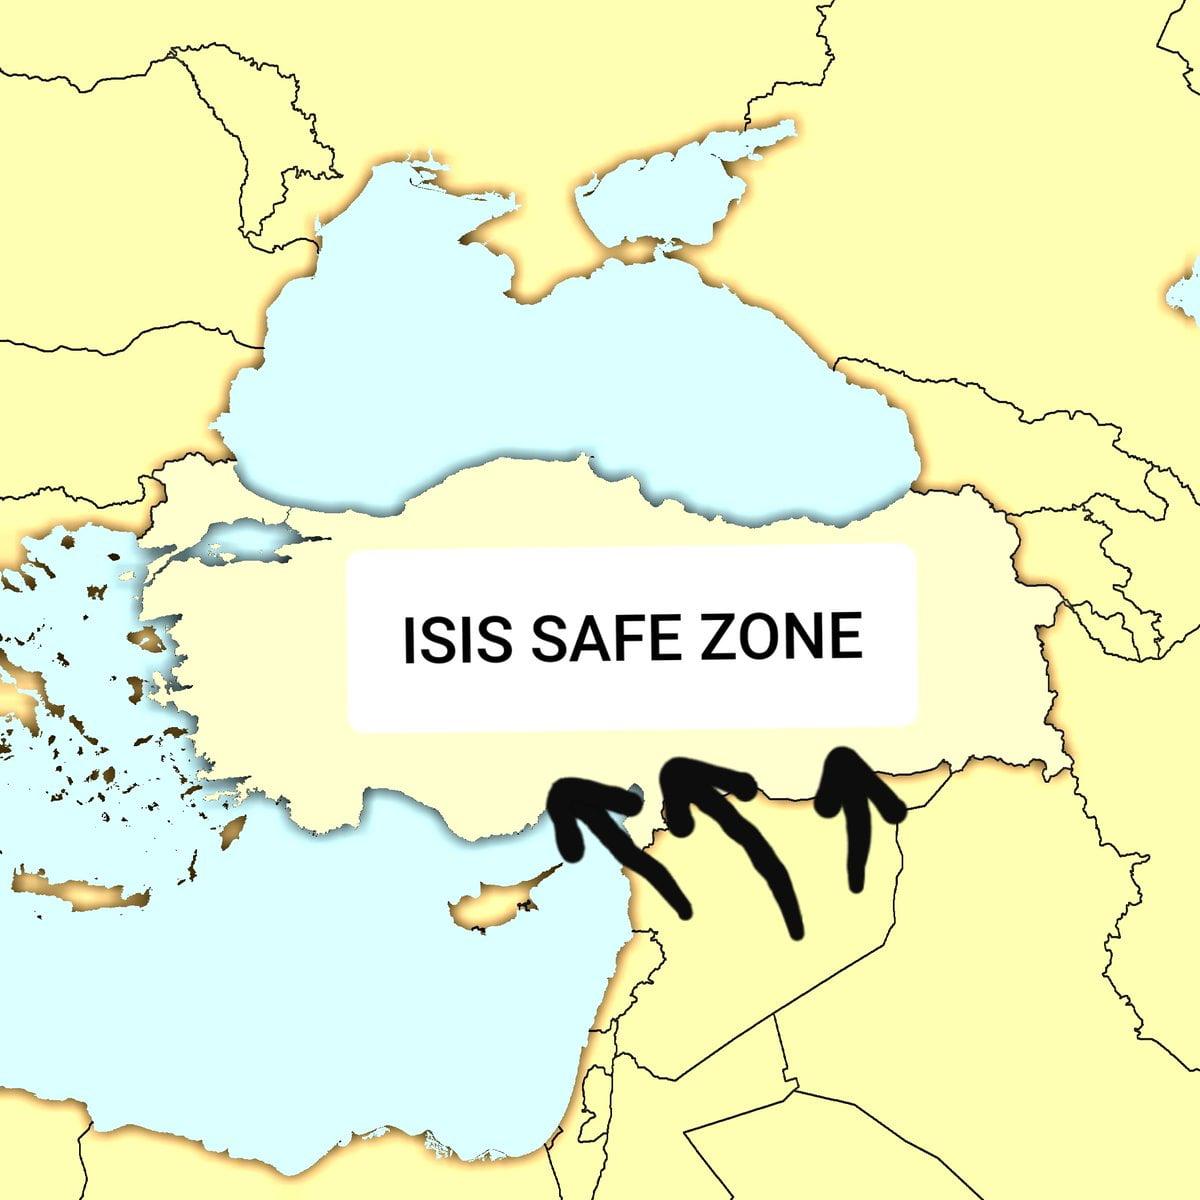 Αυτός ο χάρτης λέει αλήθειες – Η Τουρκία είναι ο βασικότερος υποστηρικτής του ISIS